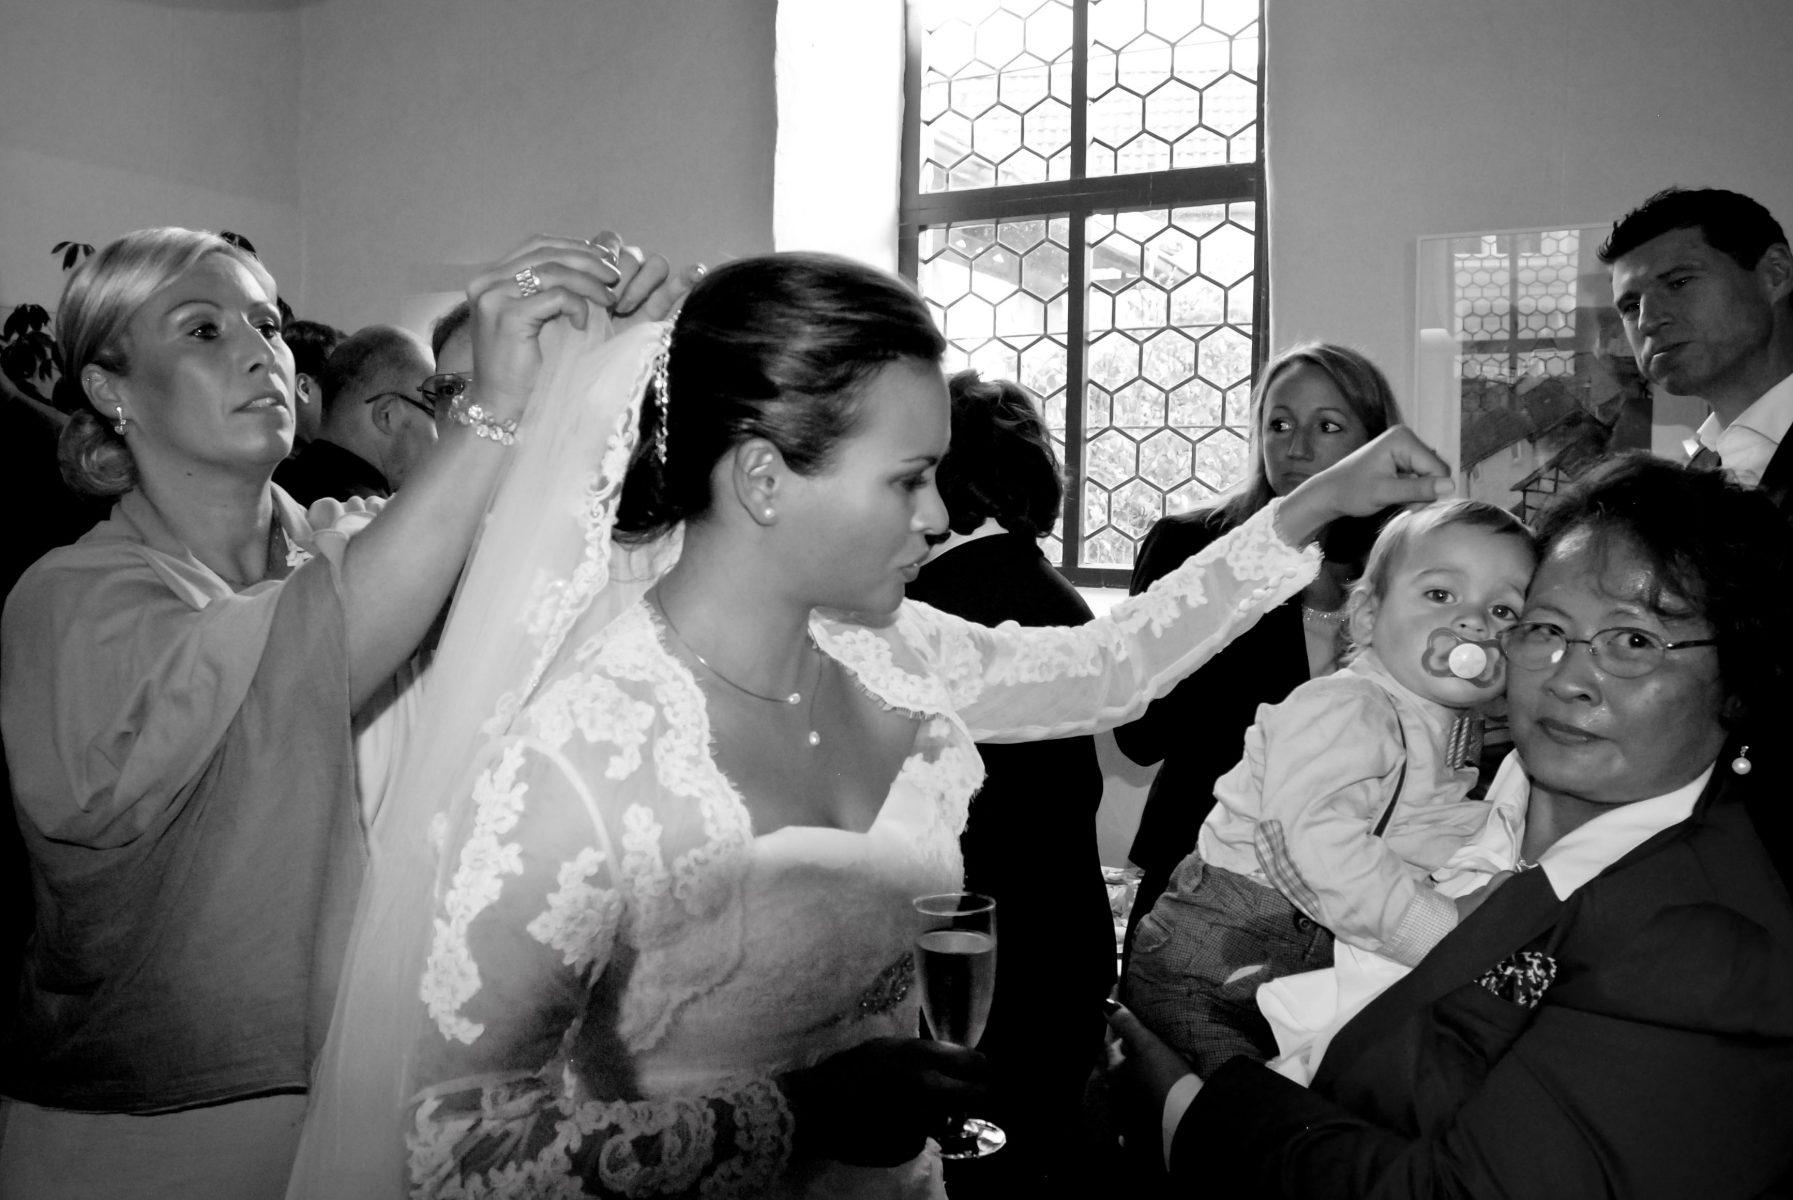 Hochzeit Gratulation B2000 2000535 1793x1200 - Trauung